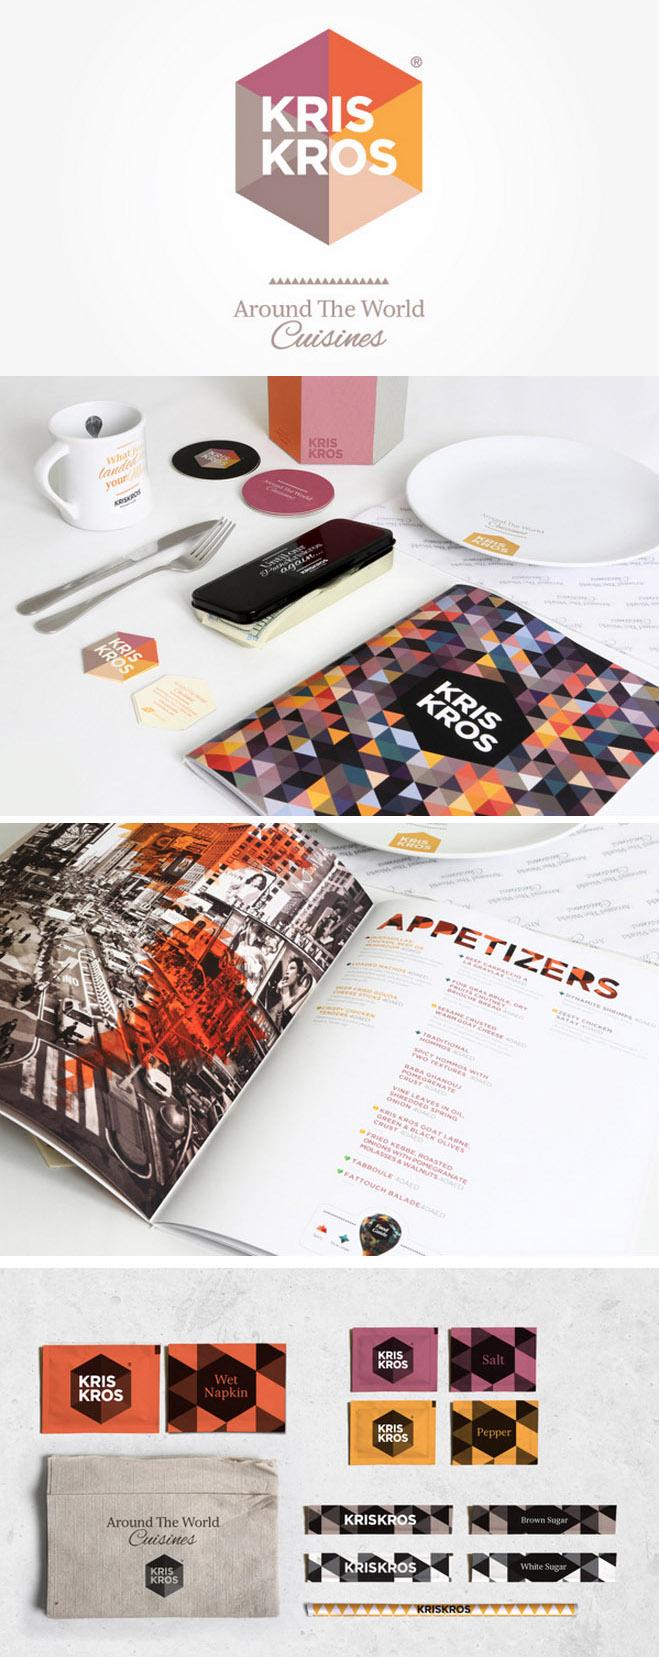 kreatif kurumsal tasarımlar (14)